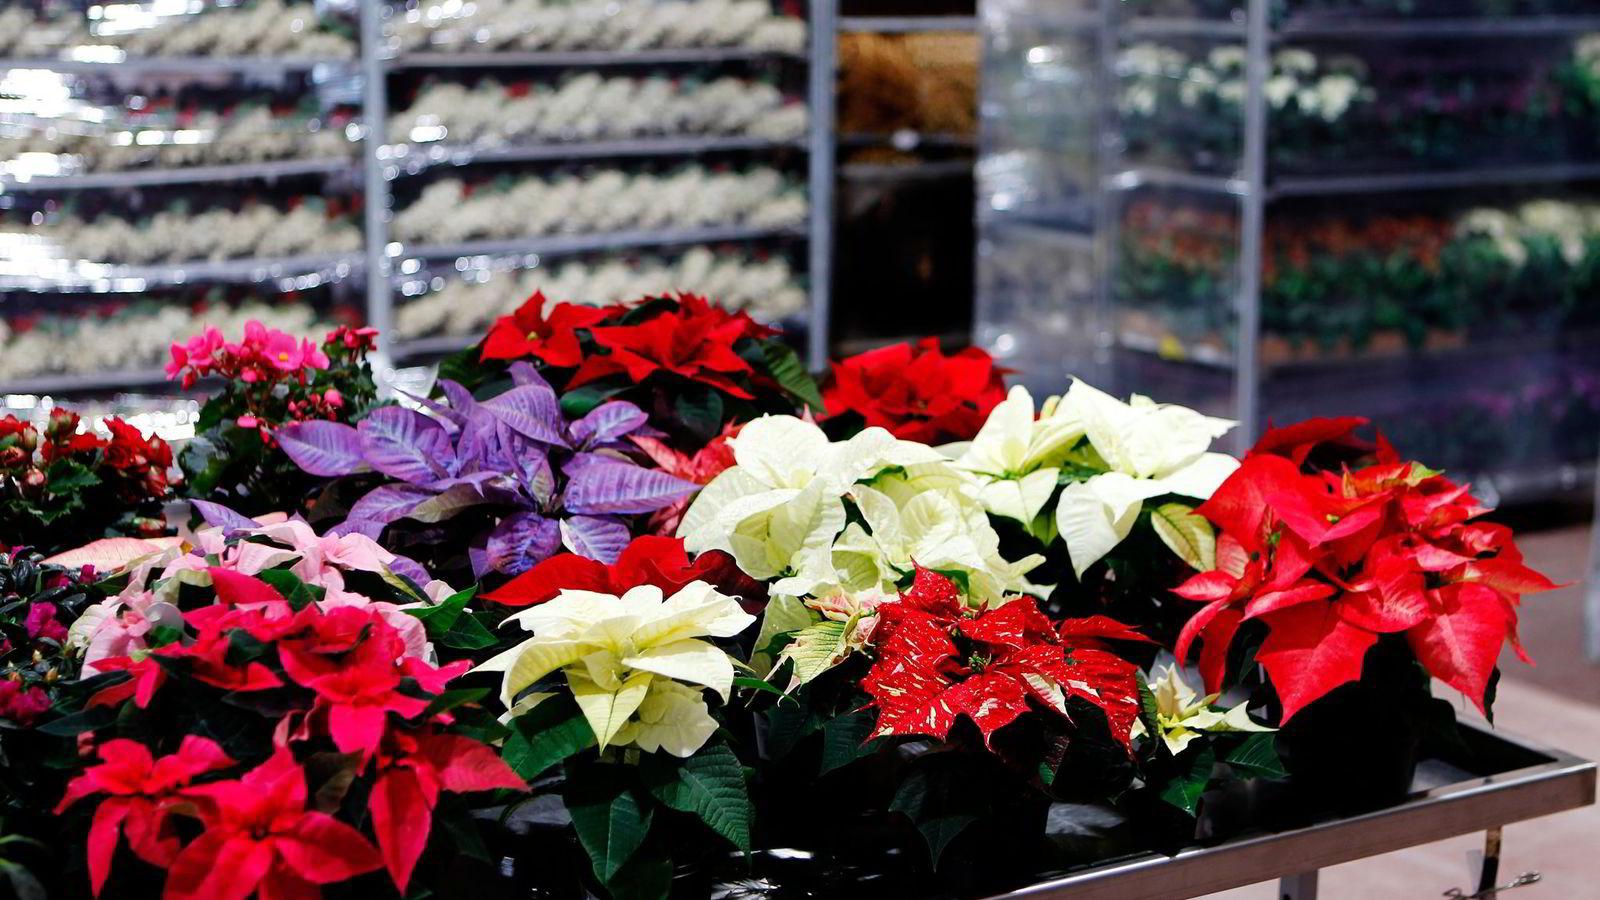 Et av målene med julestjerneforskningen har vært å få planten til å bli kortvokst uten å benytte giftige sprøytemidler. Foto: Cornelius Poppe, NTB/Scanpix